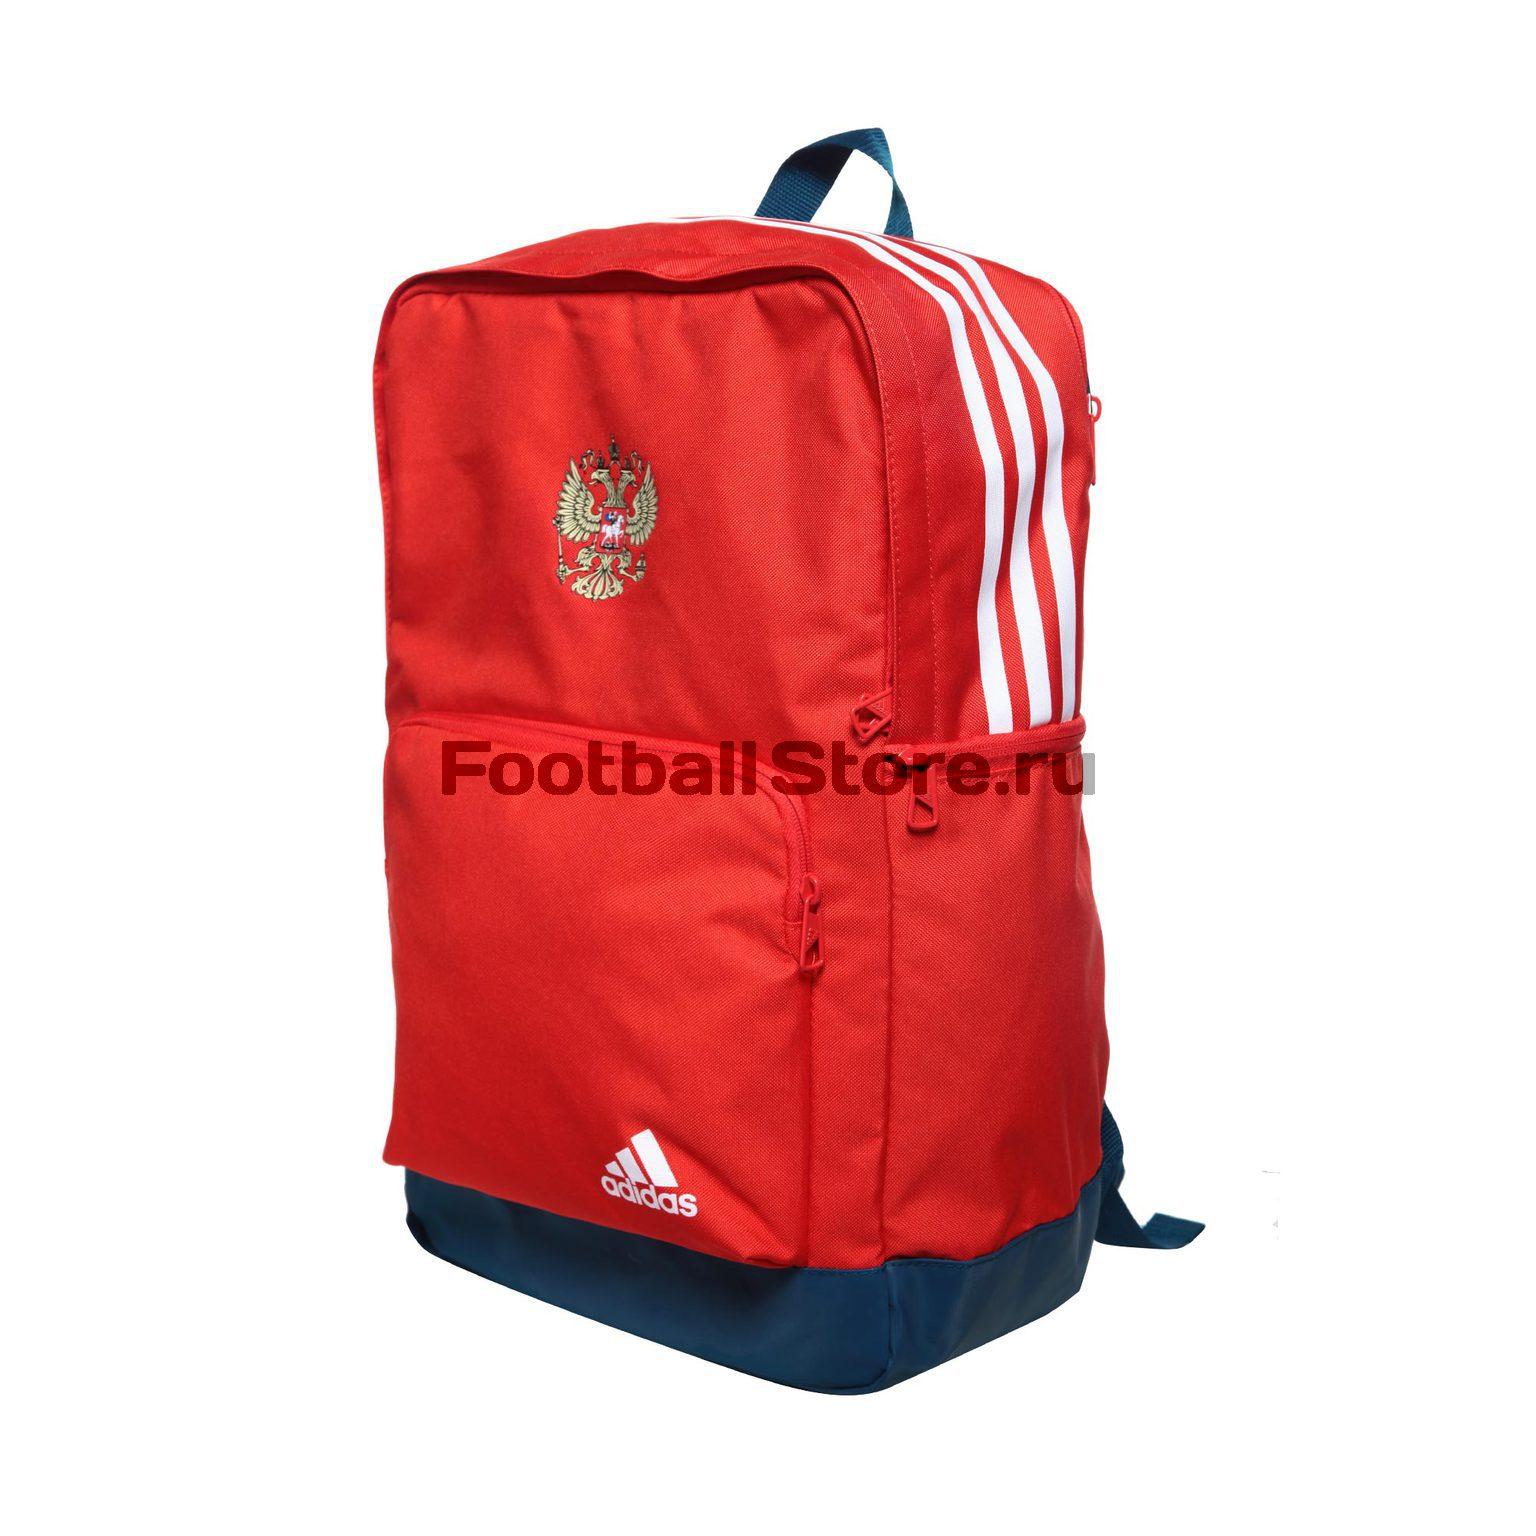 Рюкзак Adidas Russia Backpack CF4985 подушка автомобильная главдор герб россии природа 30 х 30 см